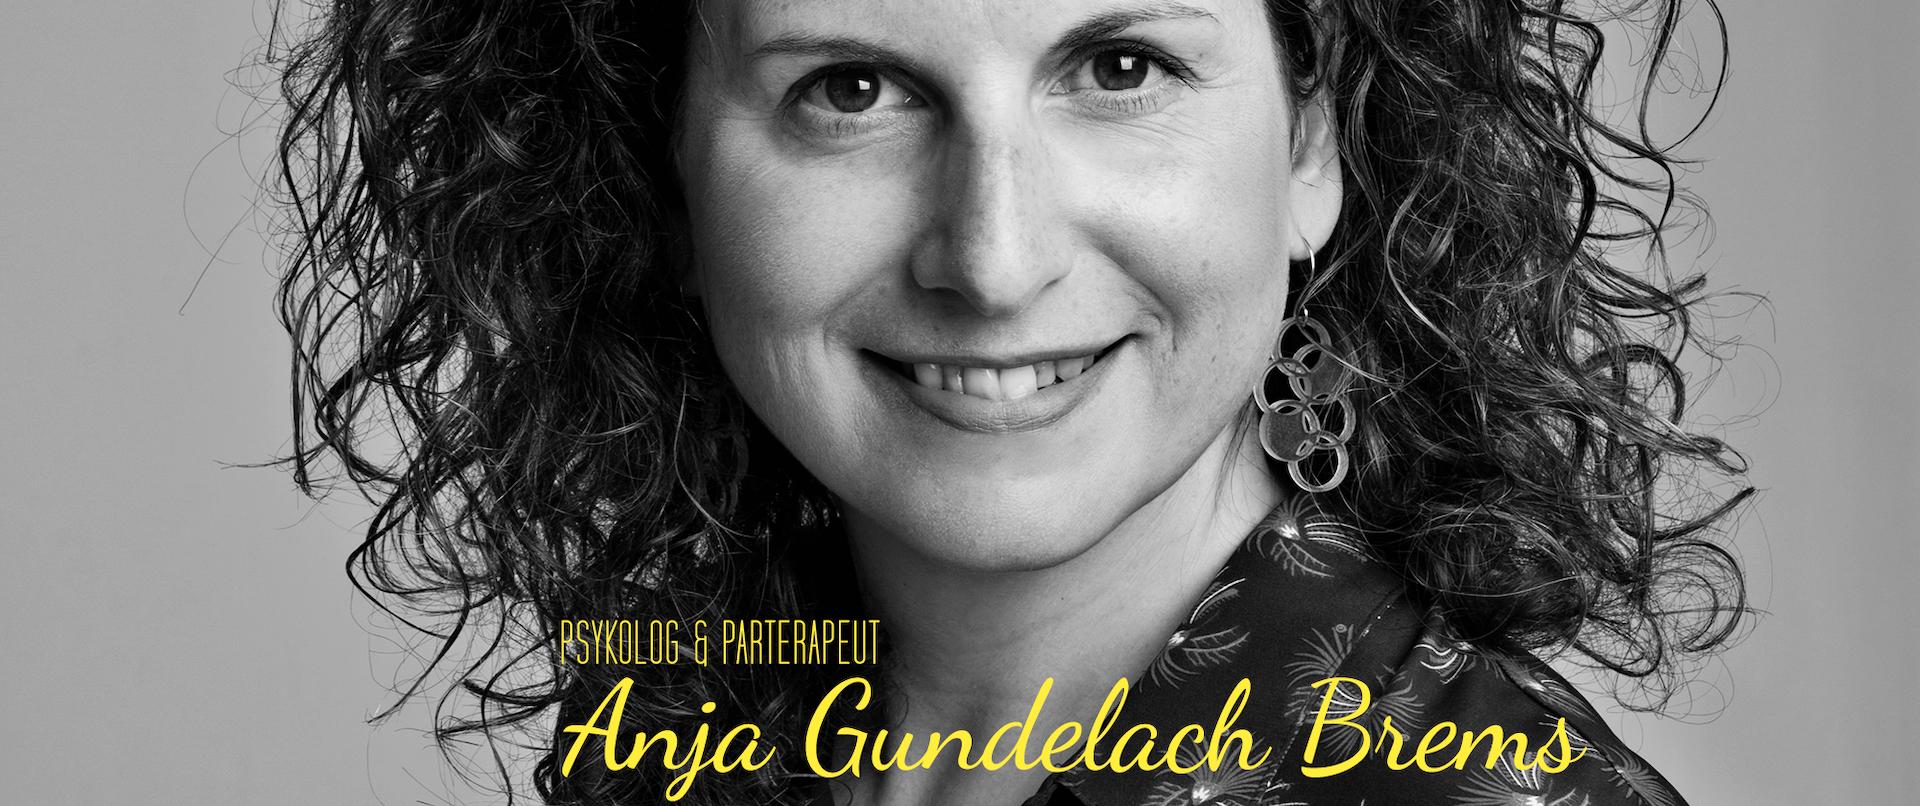 Parterapi - psykolog Anja Gundelach Brems, København